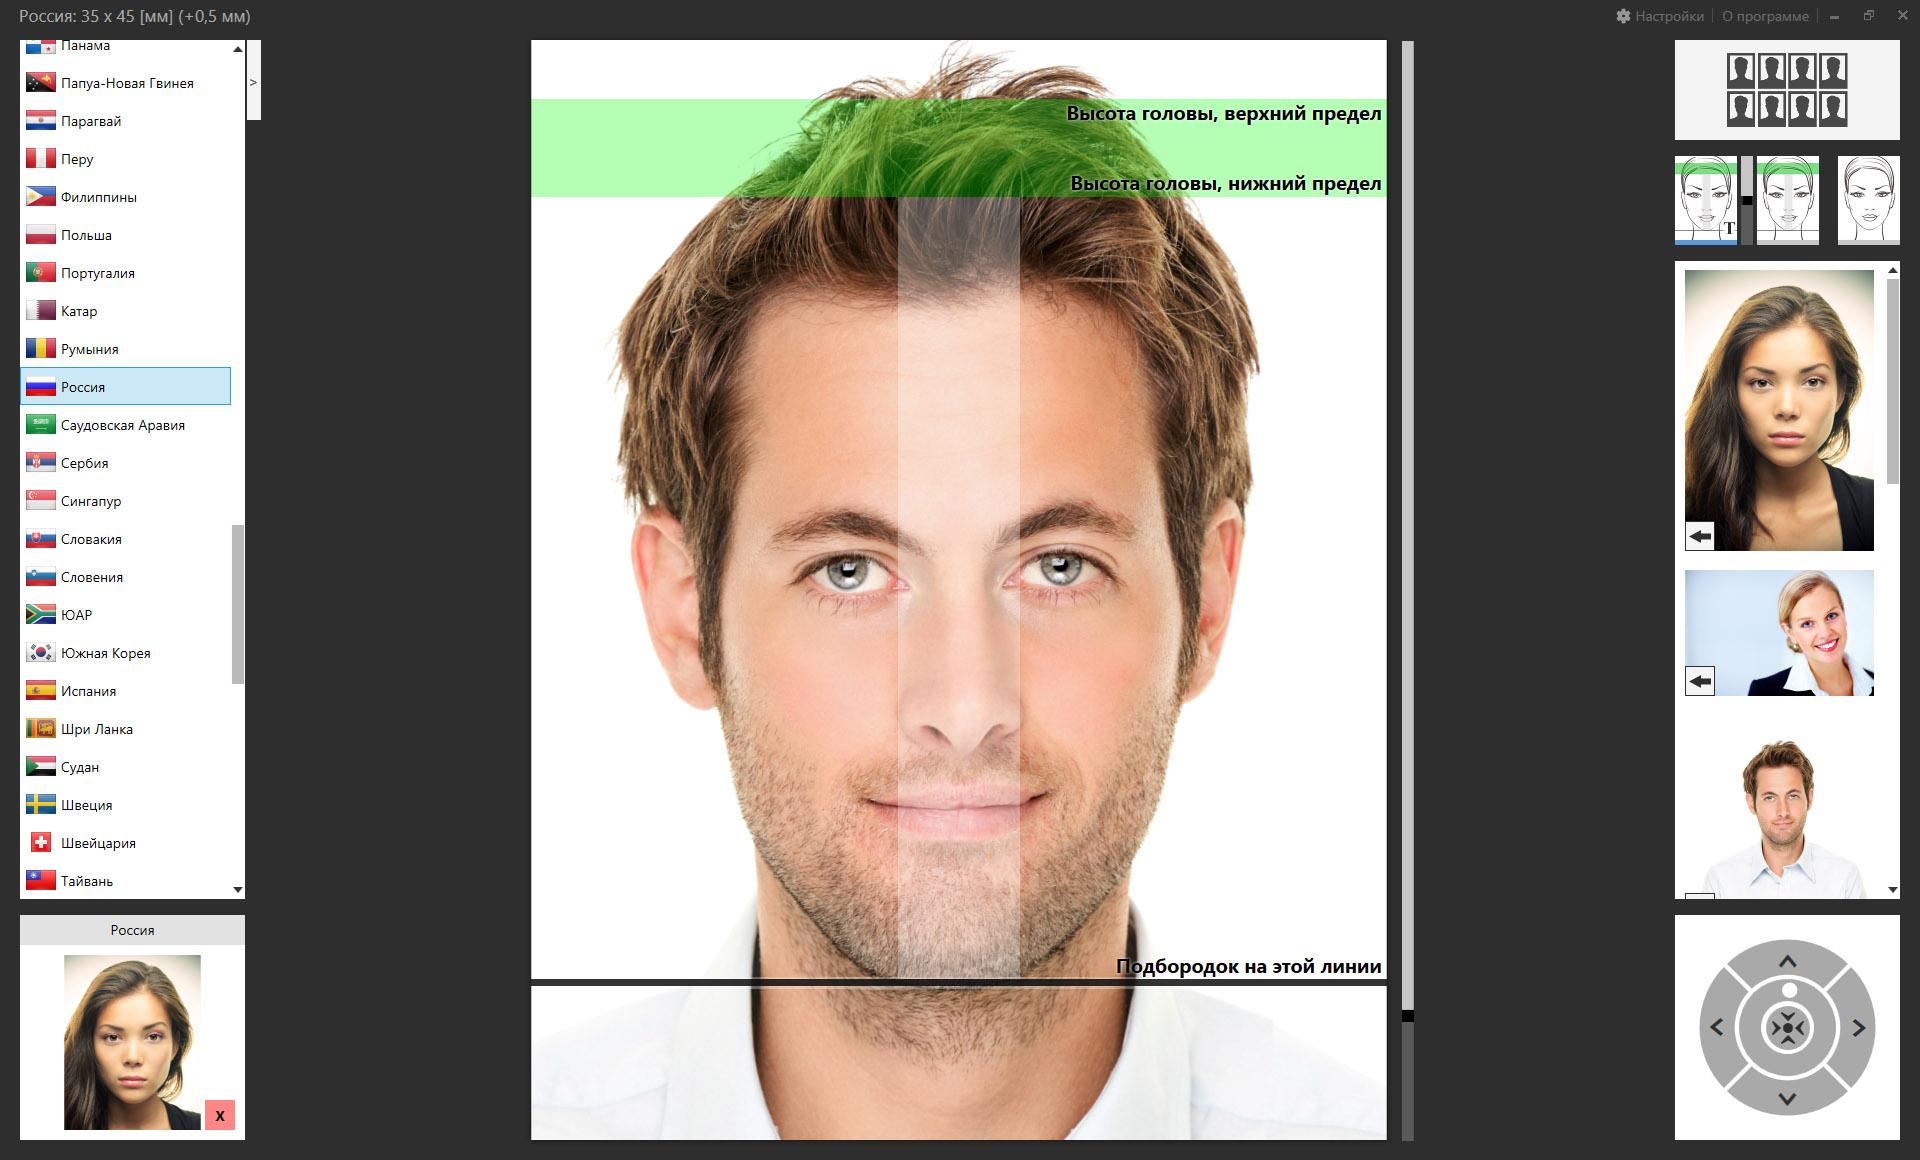 Как сделать фото на паспорт фотошоп